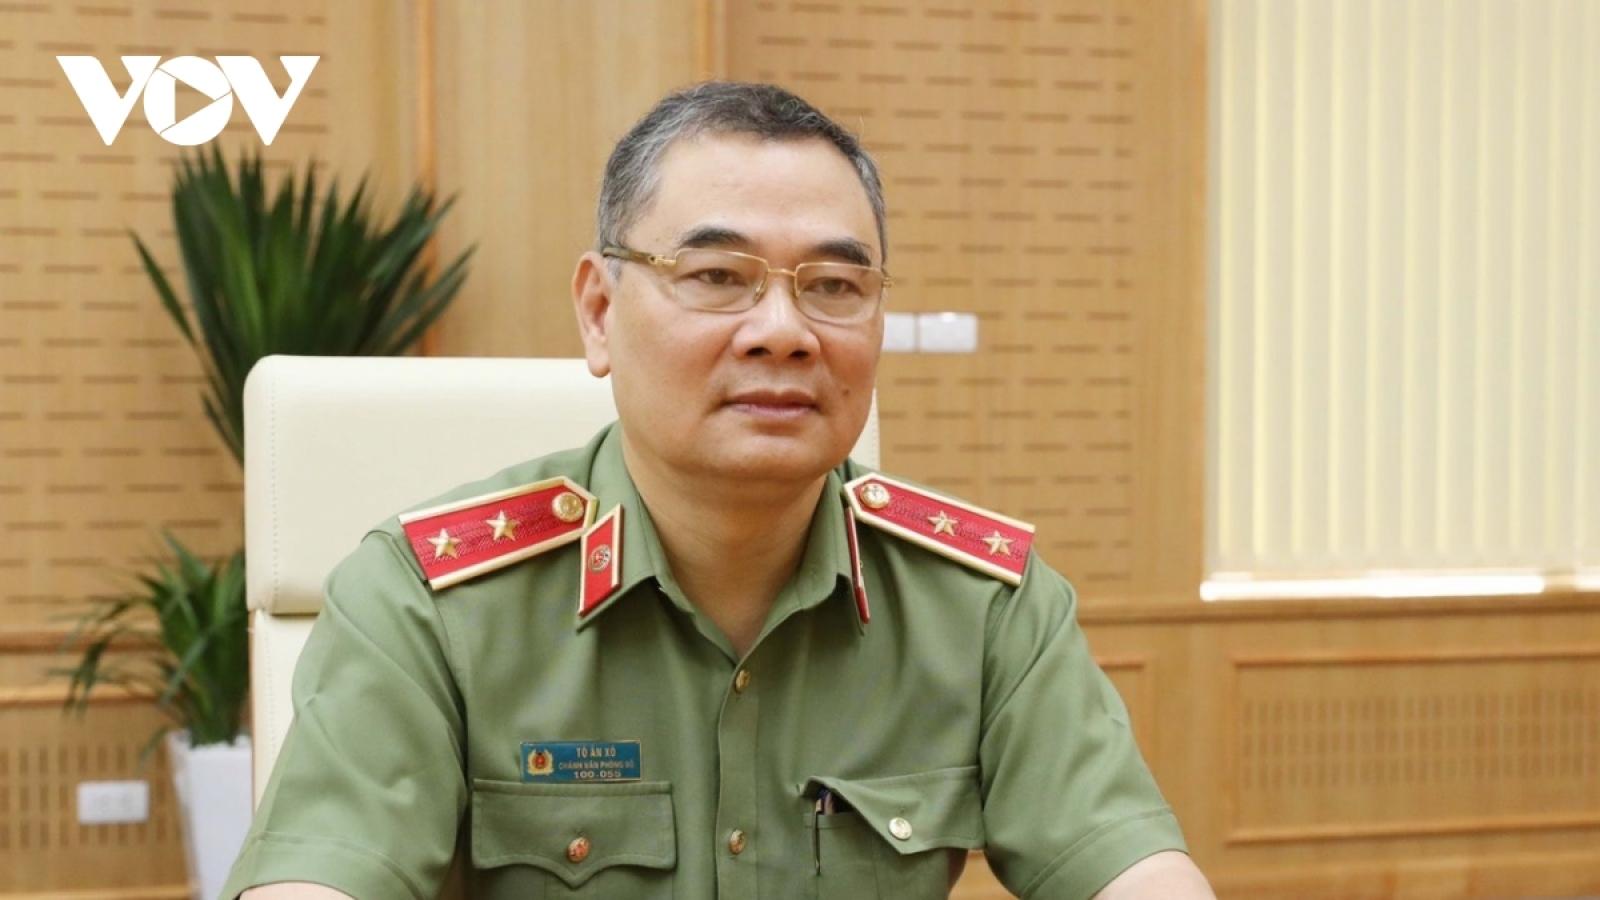 Trung tướng Tô Ân Xô: Đã xác định nhóm nghi phạm tấn công mạng Báo Điện tử VOV